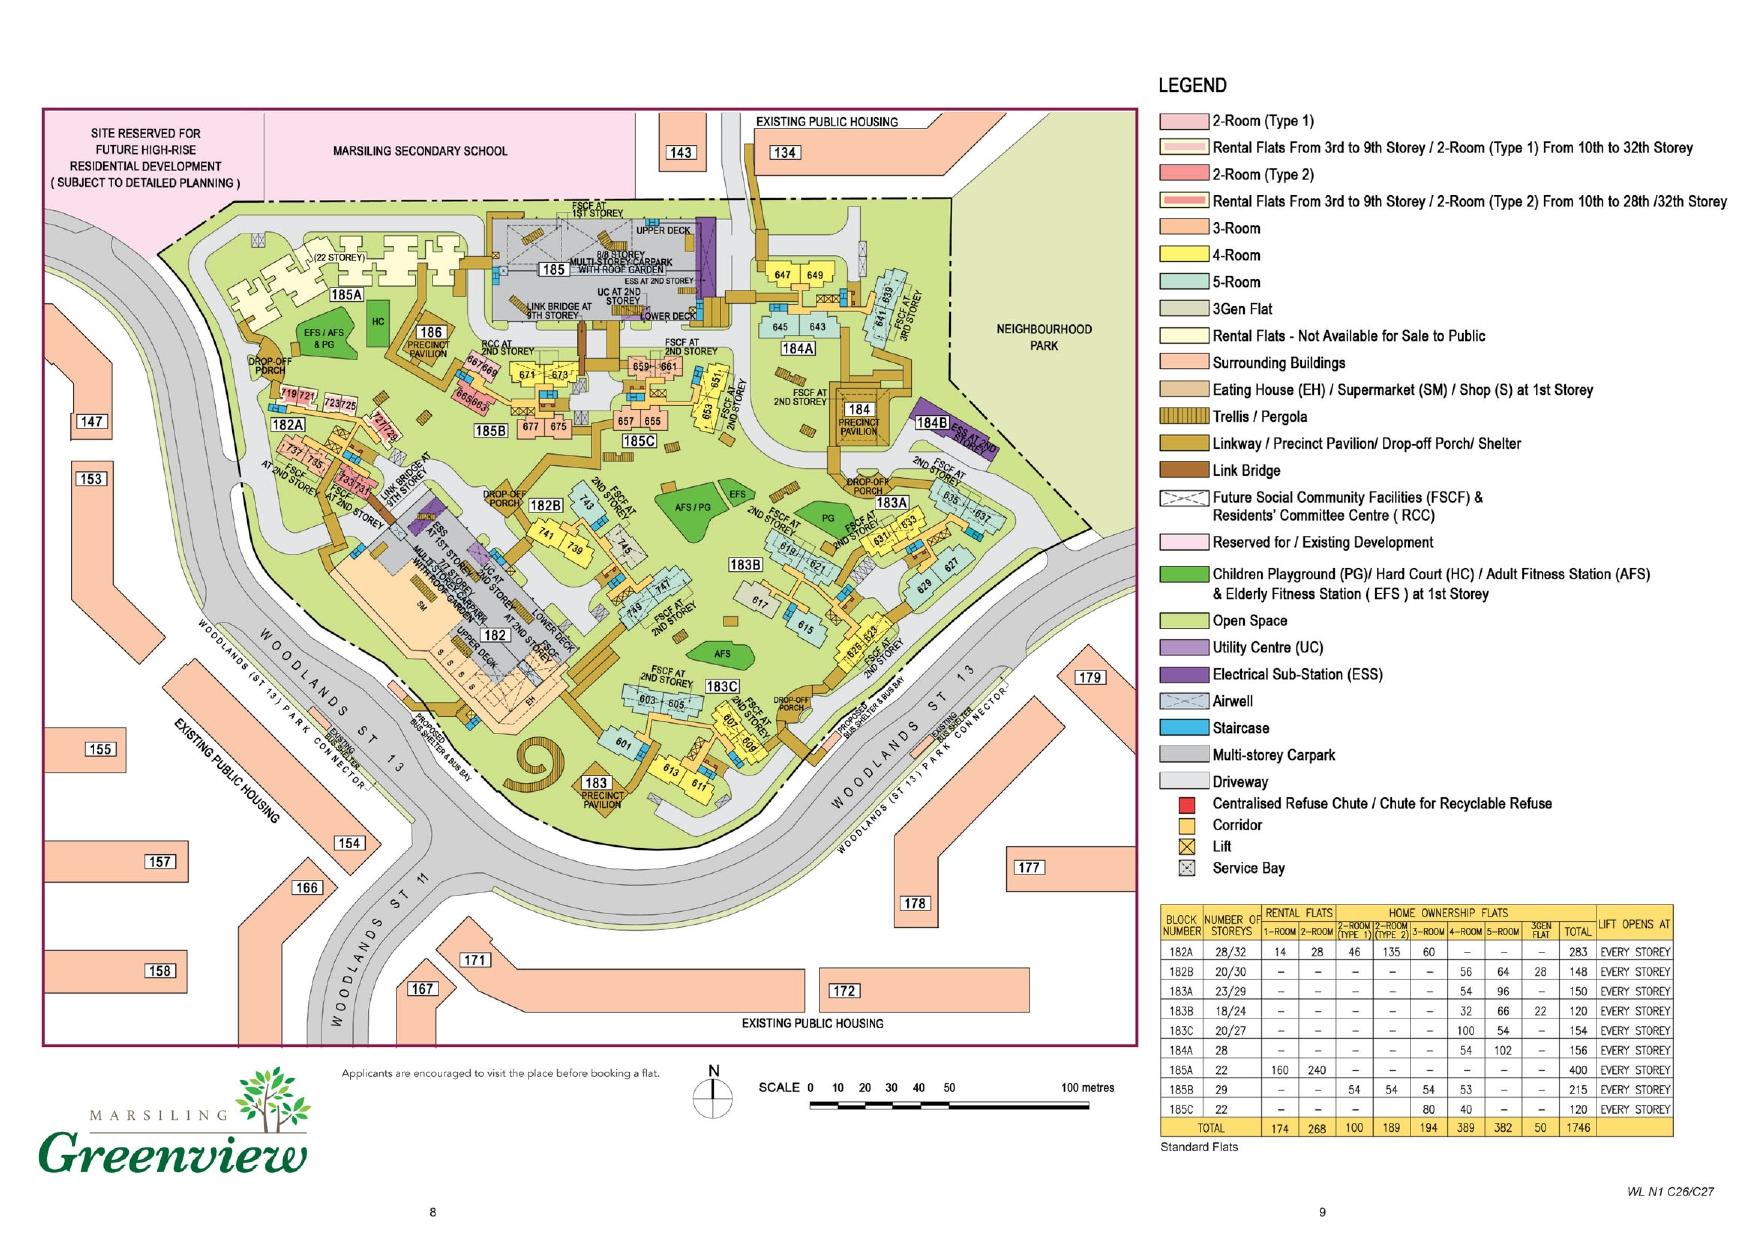 Marsiling Greenview Site Plan